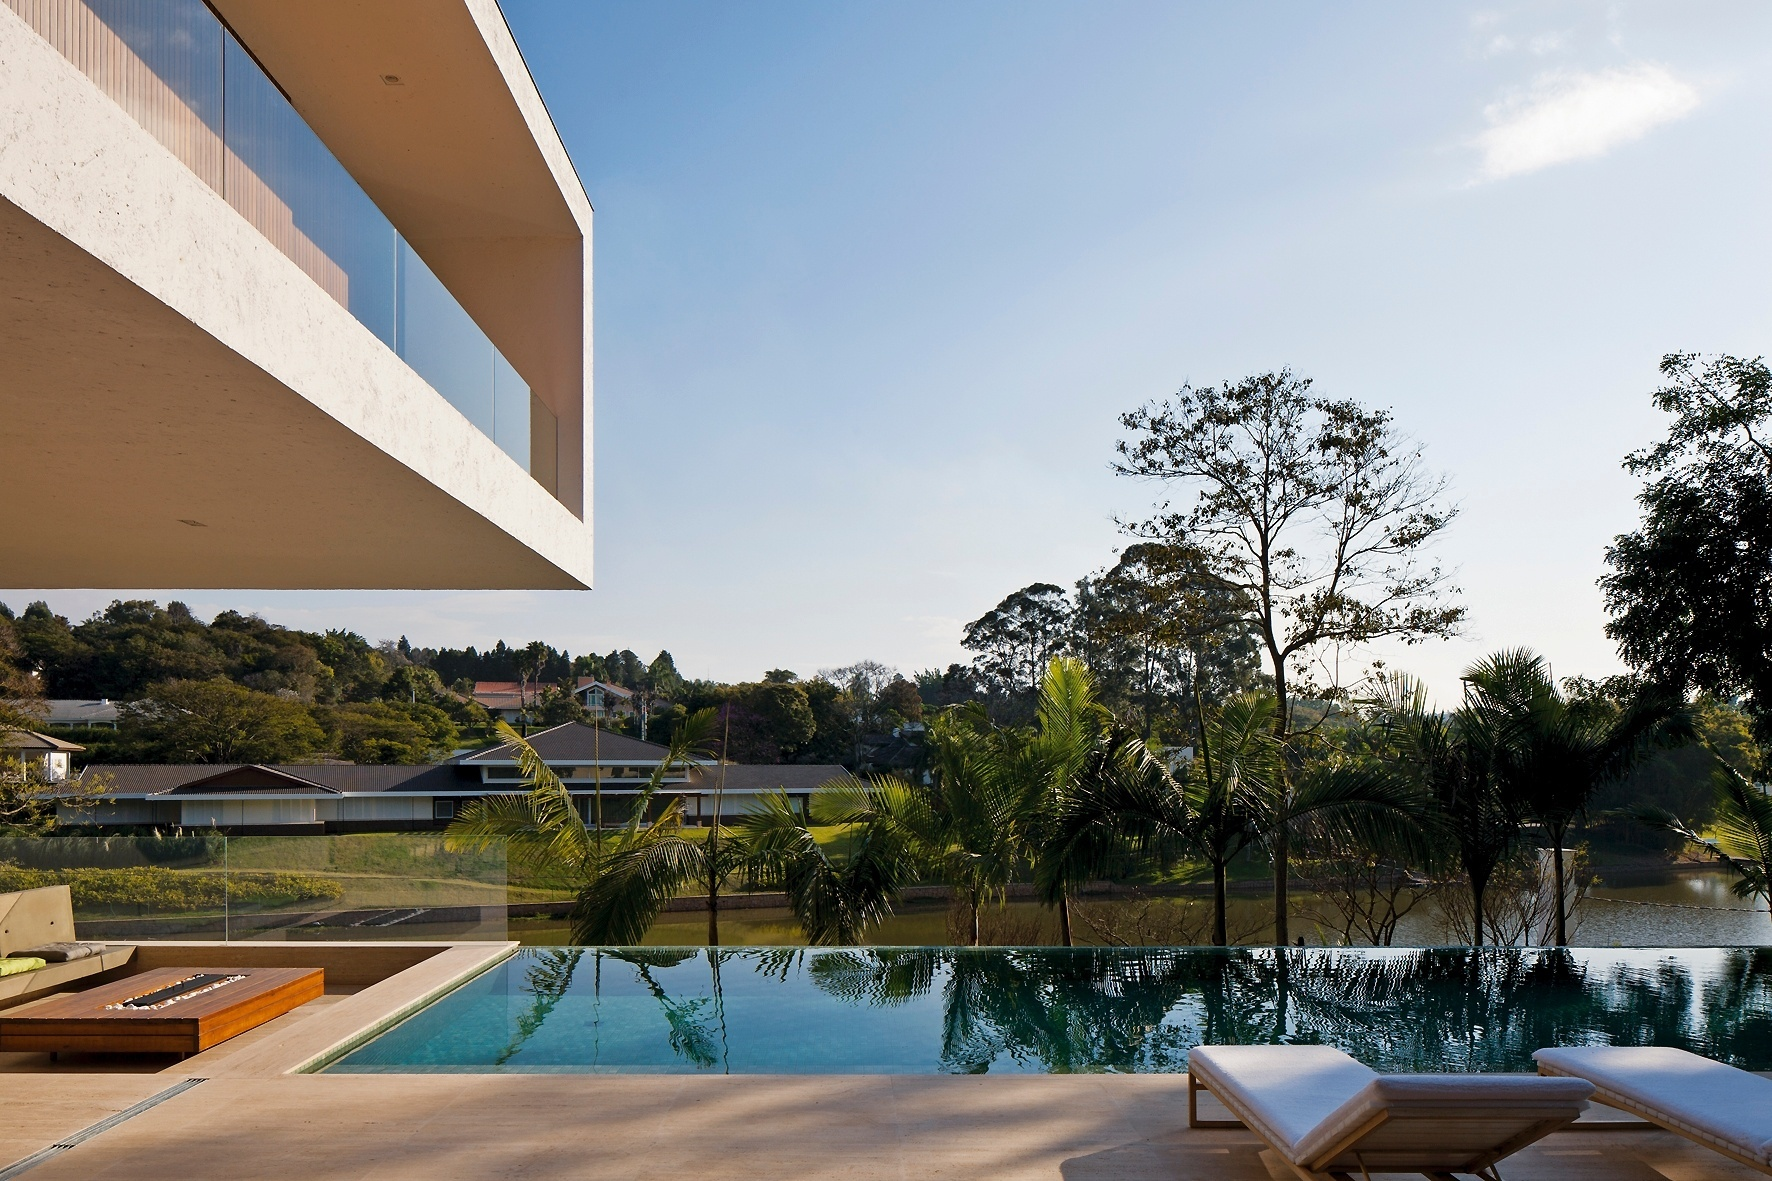 Na Casa PV, em Itu (SP), a piscina em tom esverdeado, de borda infinita, se integra ao lago e a vegetação do condomínio fechado. À esquerda é possível ver parte do andar superior, em balanço. O projeto de arquitetura é assinado por Sérgio Sampaio